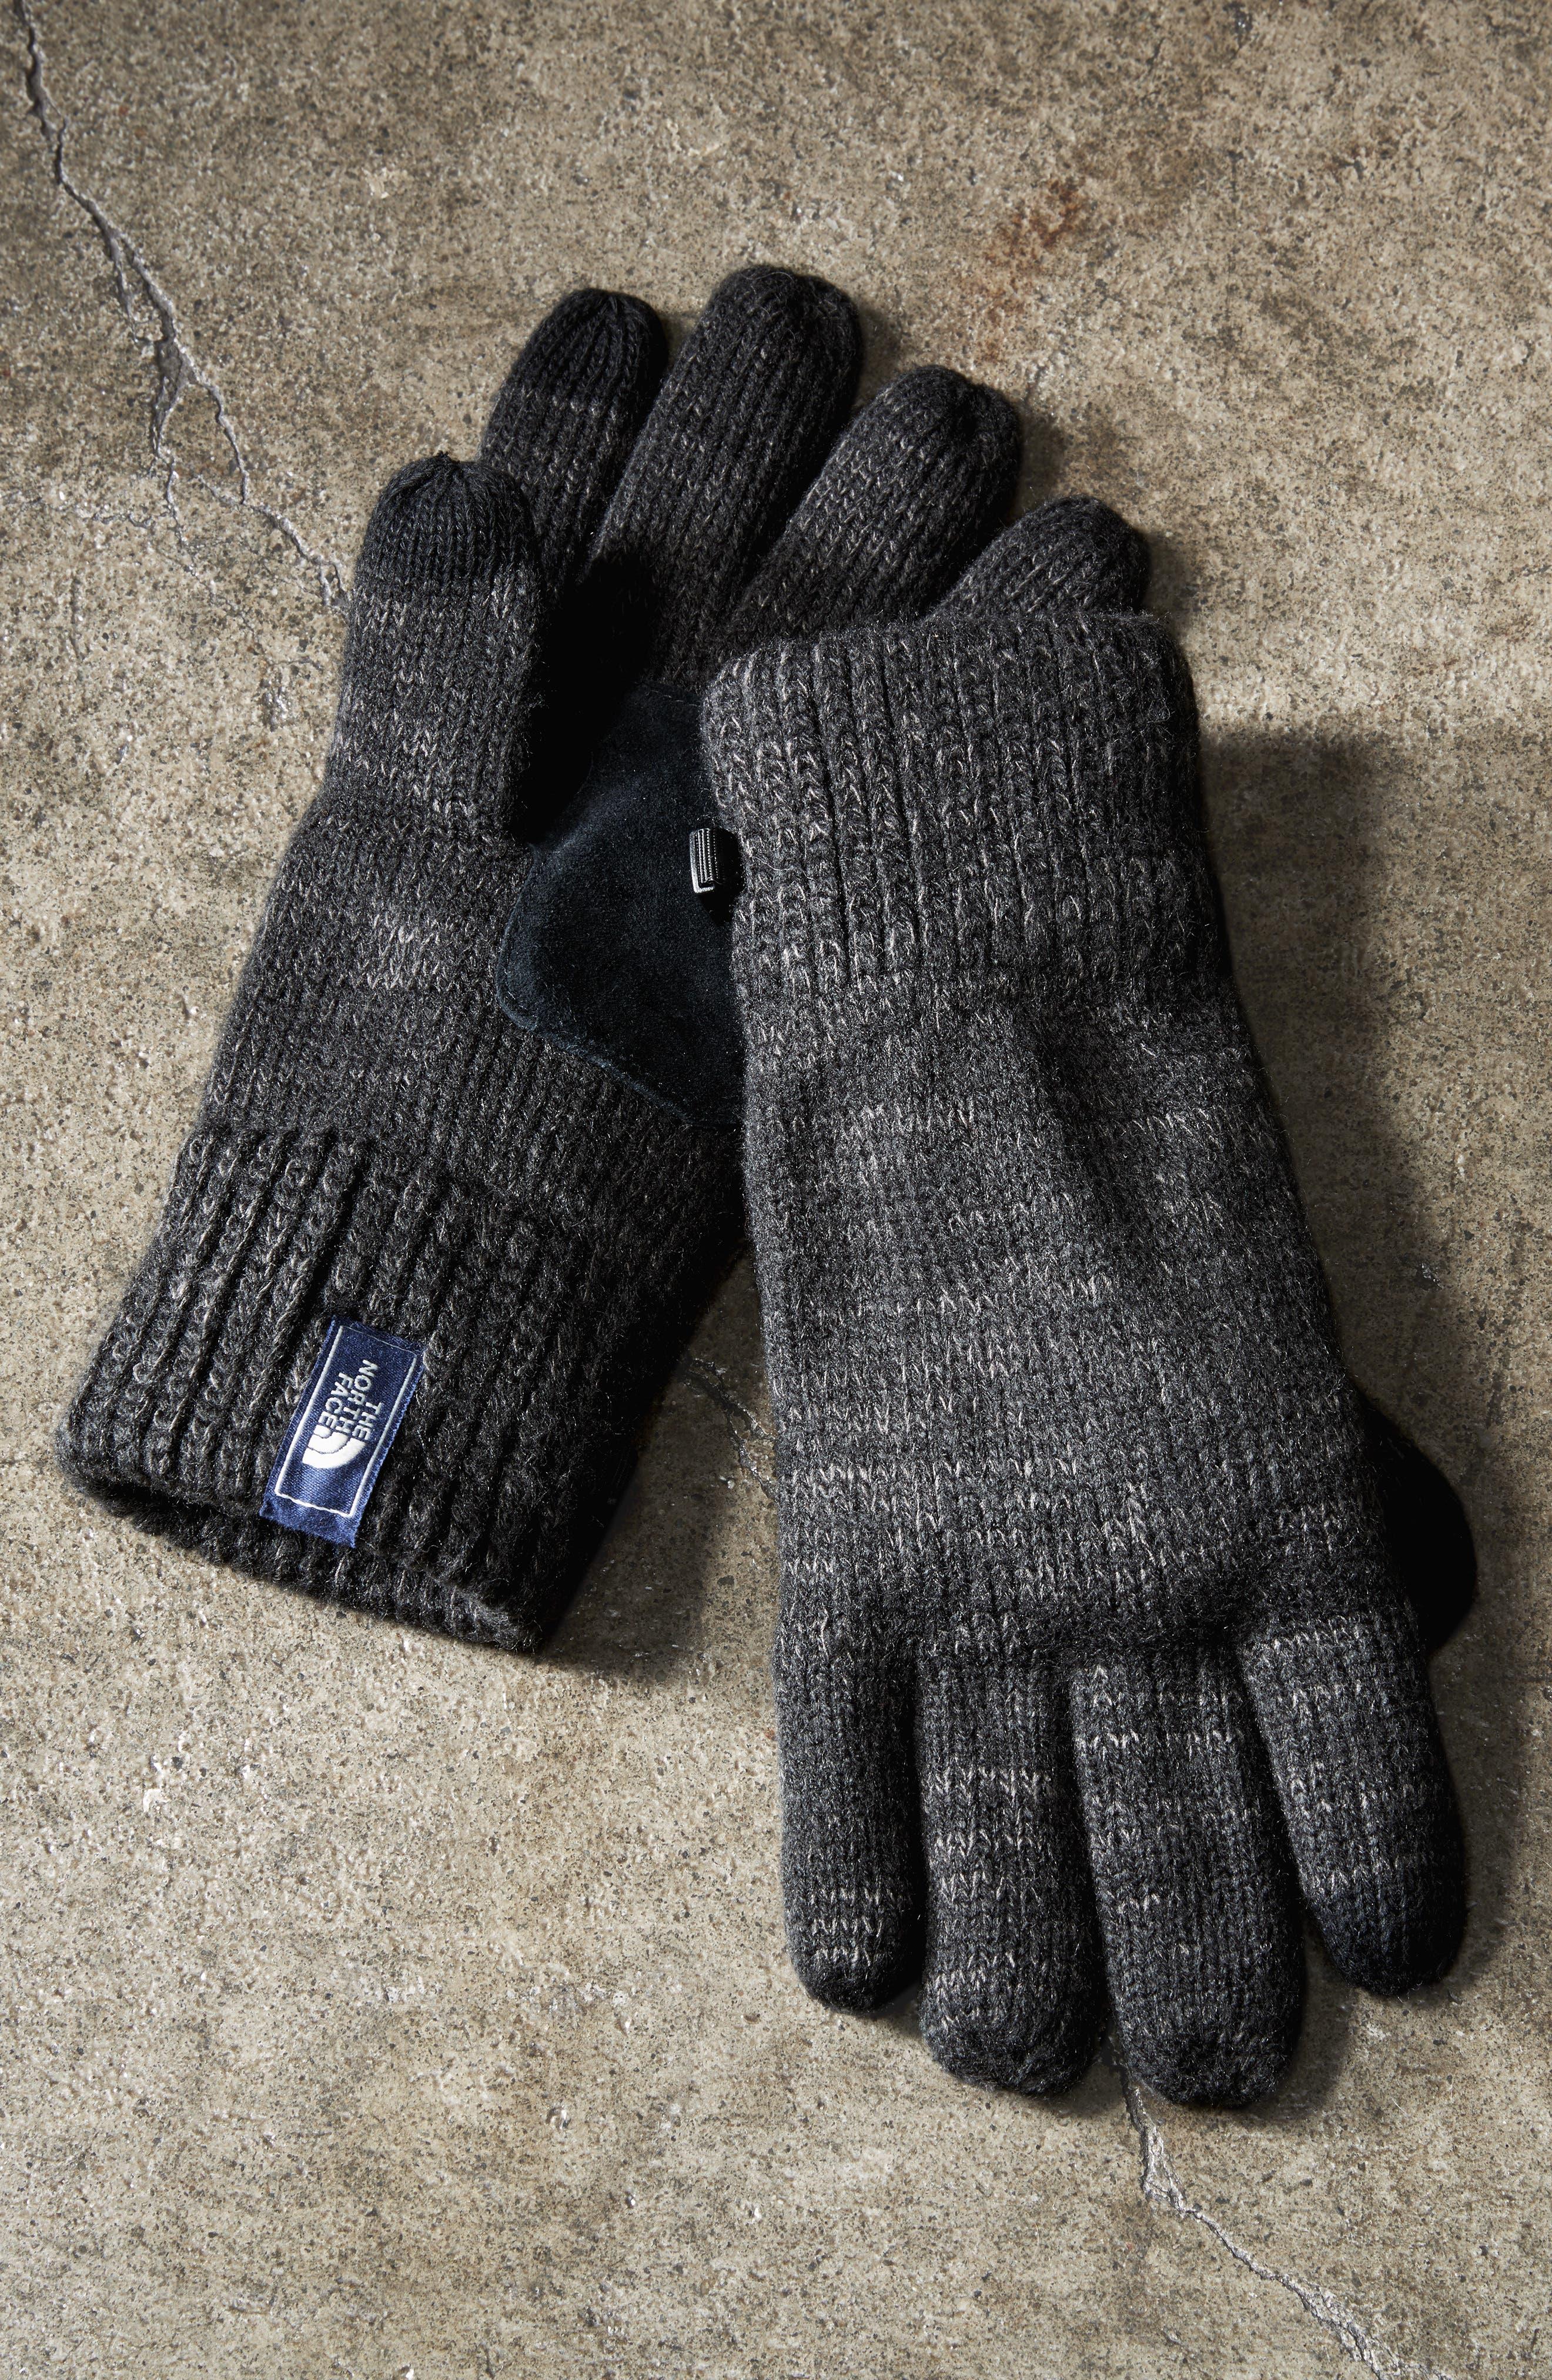 Etip Salty Dog Knit Tech Gloves,                             Alternate thumbnail 5, color,                             TNF BLACK